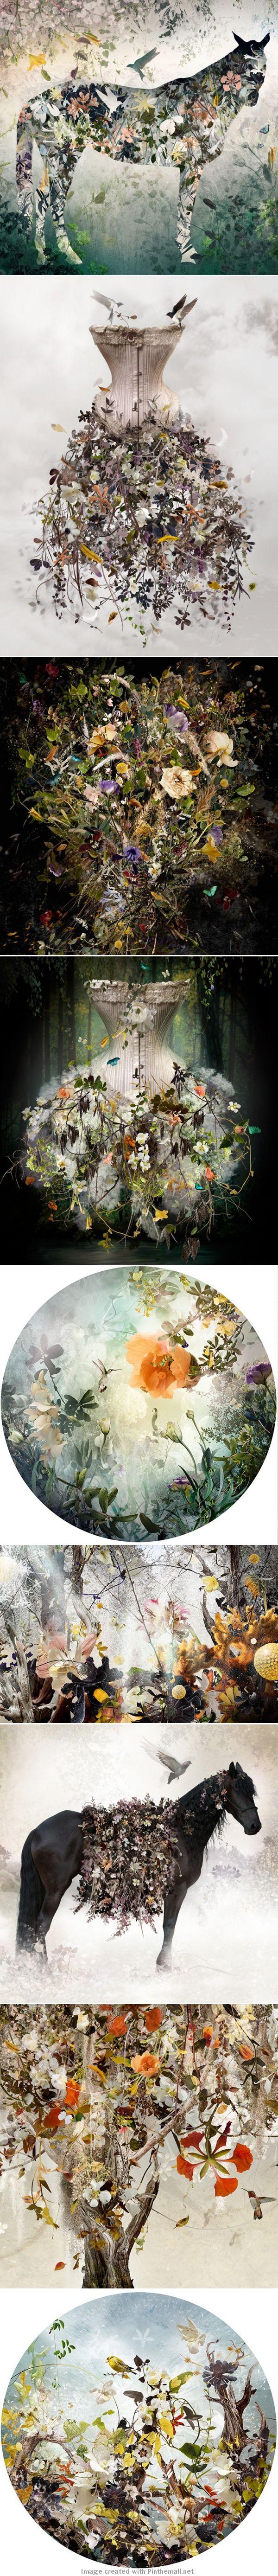 Delicate Digital Fusion – Ysabel LeMay